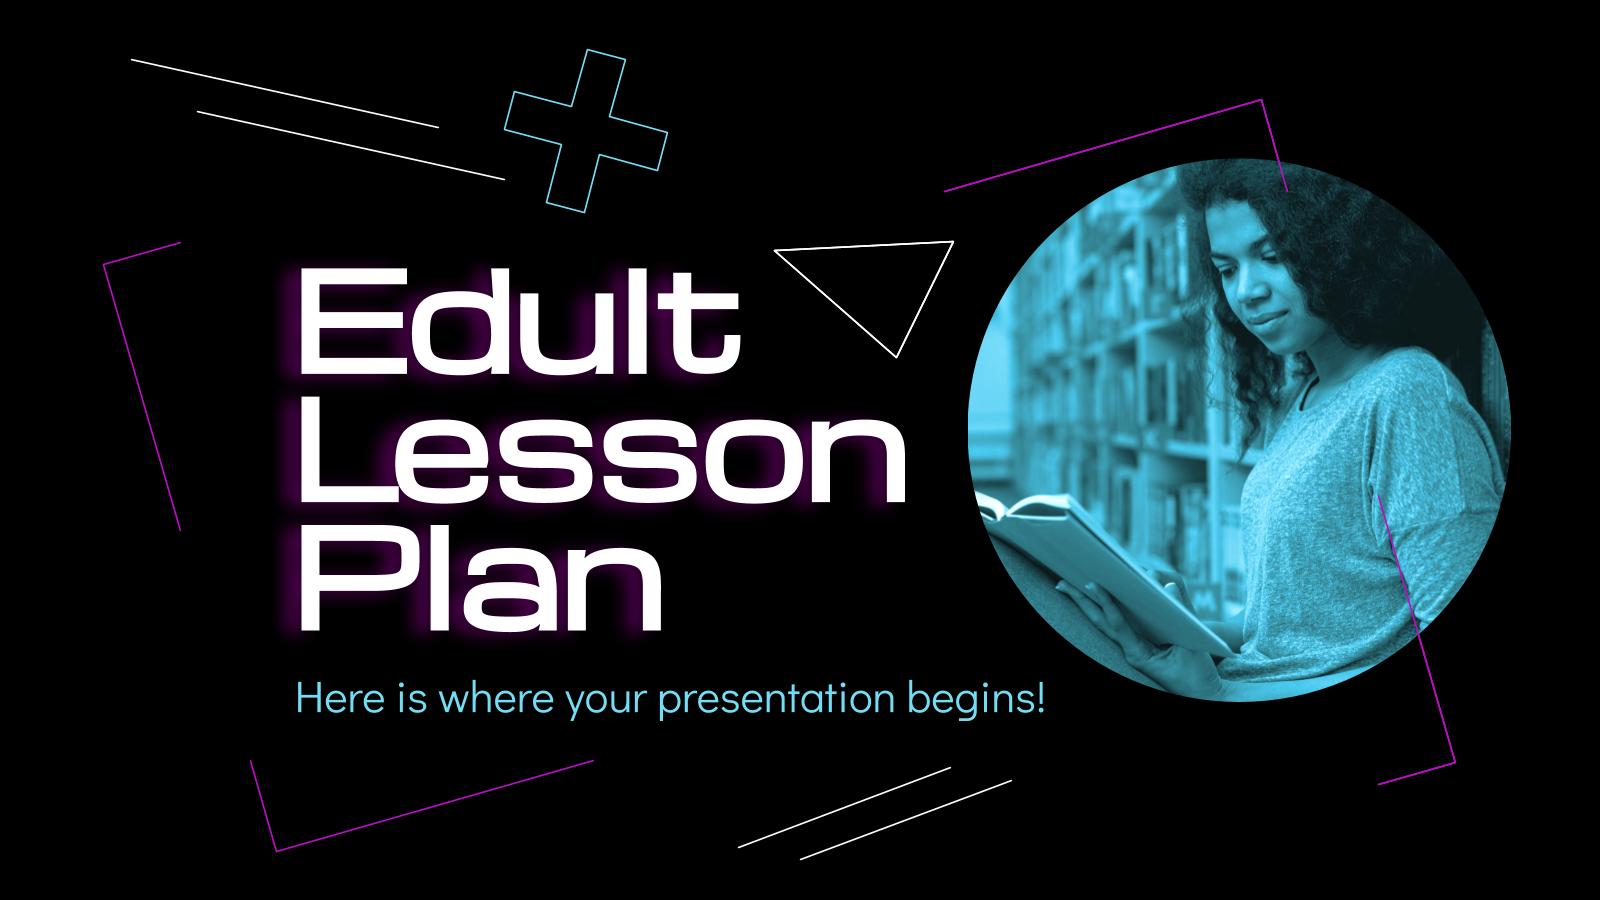 Plan de cours Edult : Modèles de présentation